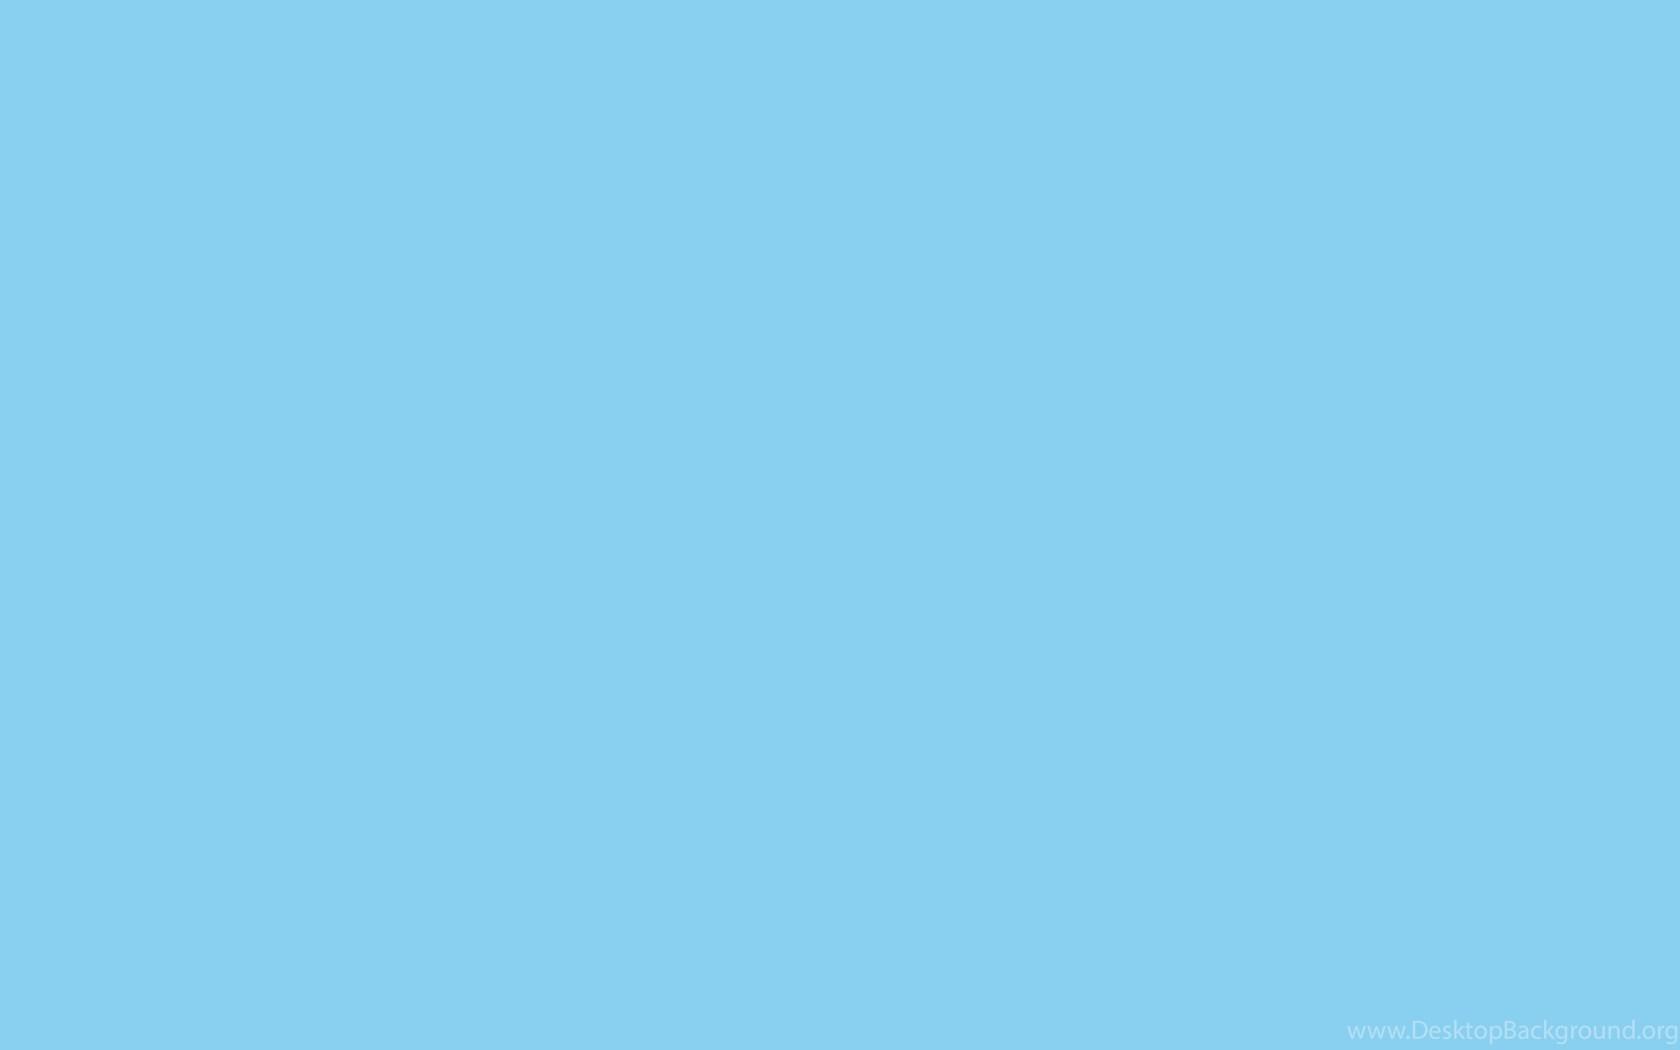 2560x1440 baby blue solid color background.jpg Desktop ...